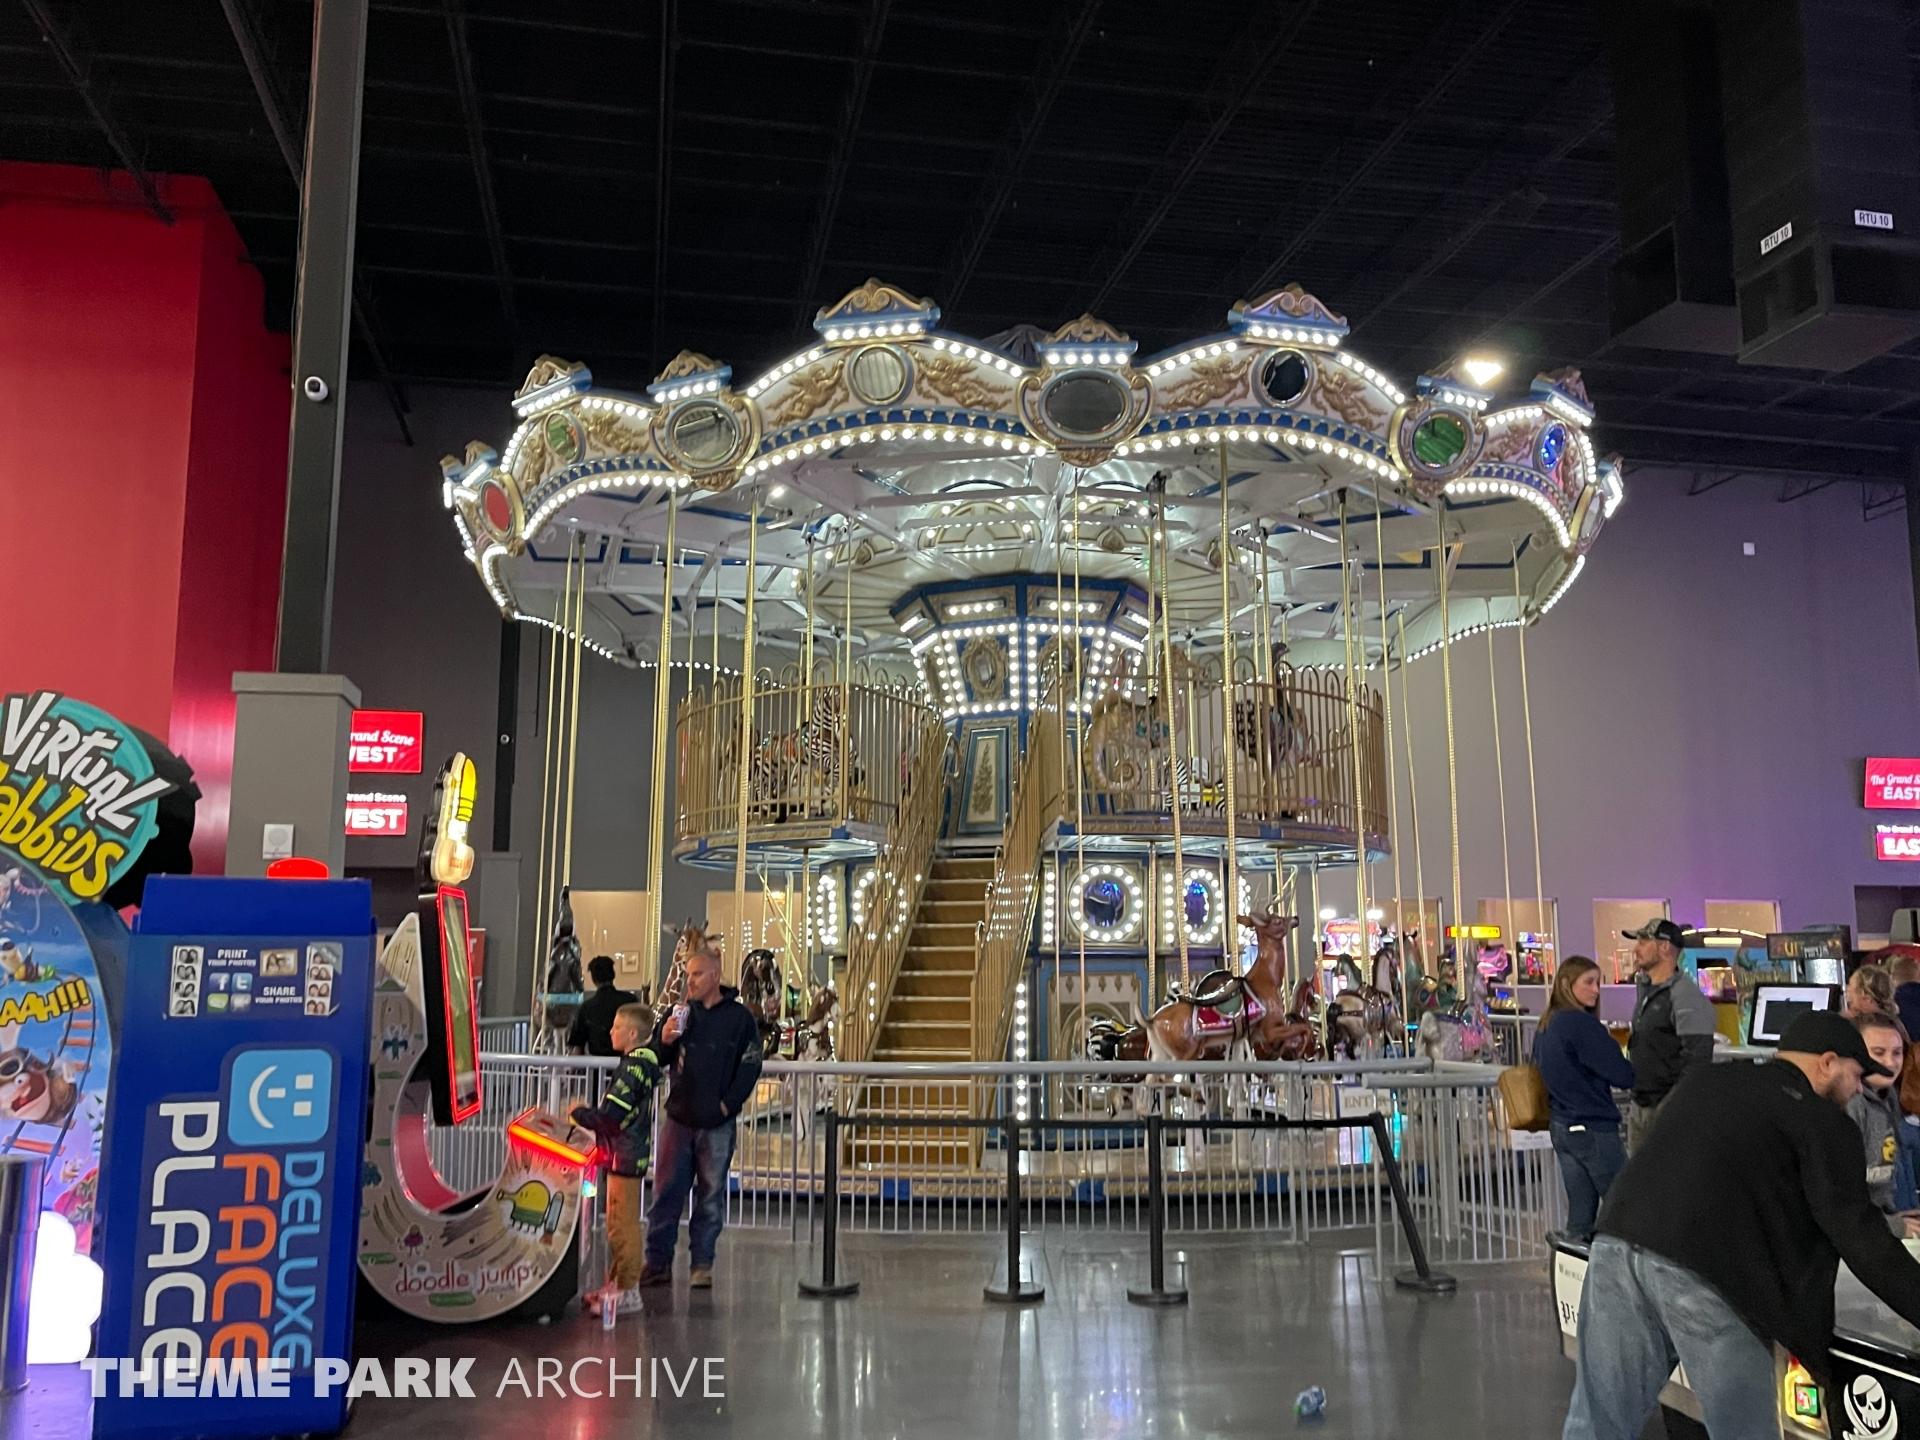 The Adeline Carousel at Scene75 Entertainment Center Dayton